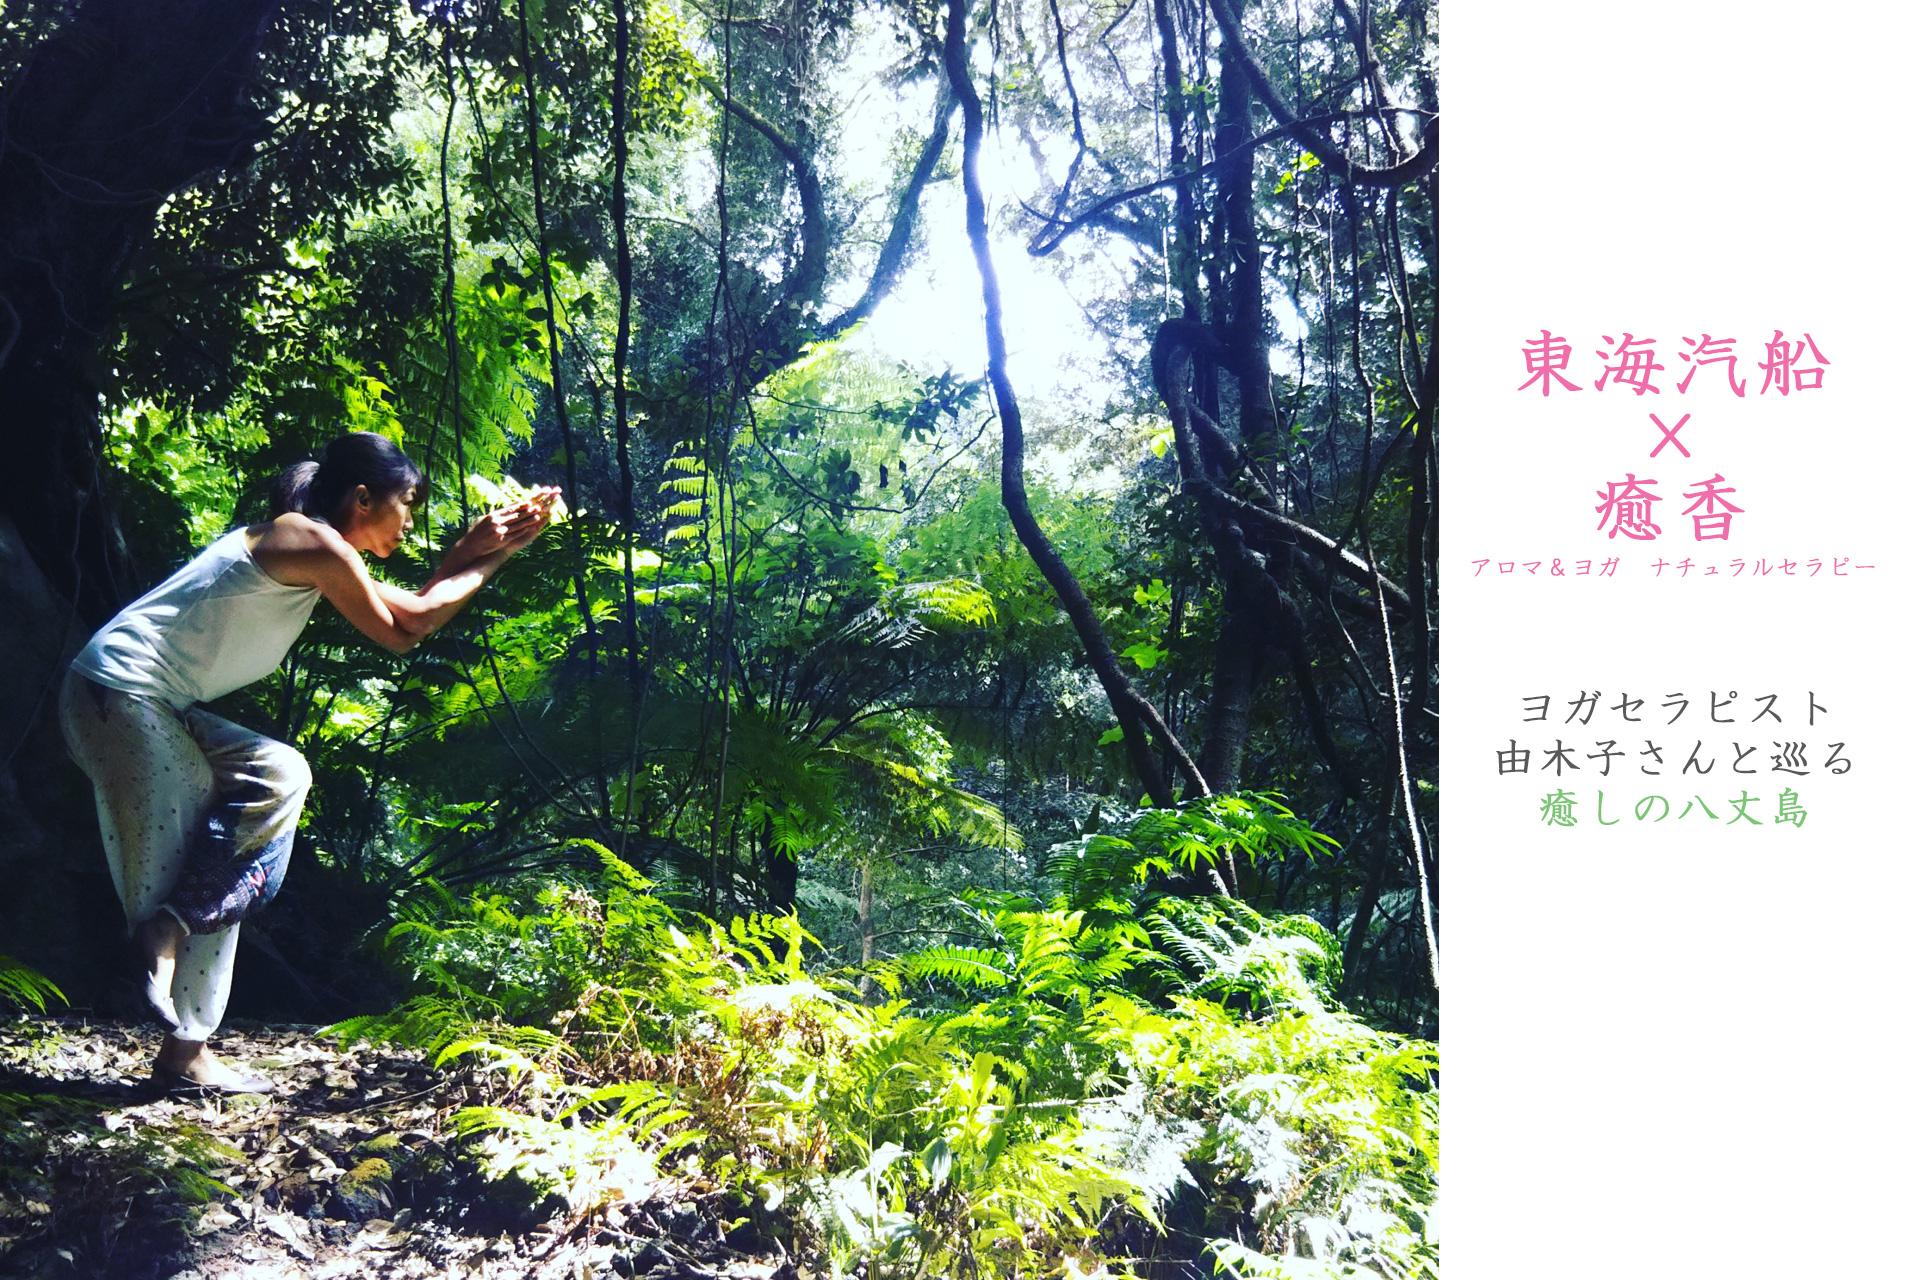 東海汽船企画ツアー「ヨガセラピスト由木子さんと巡る癒しの八丈島」